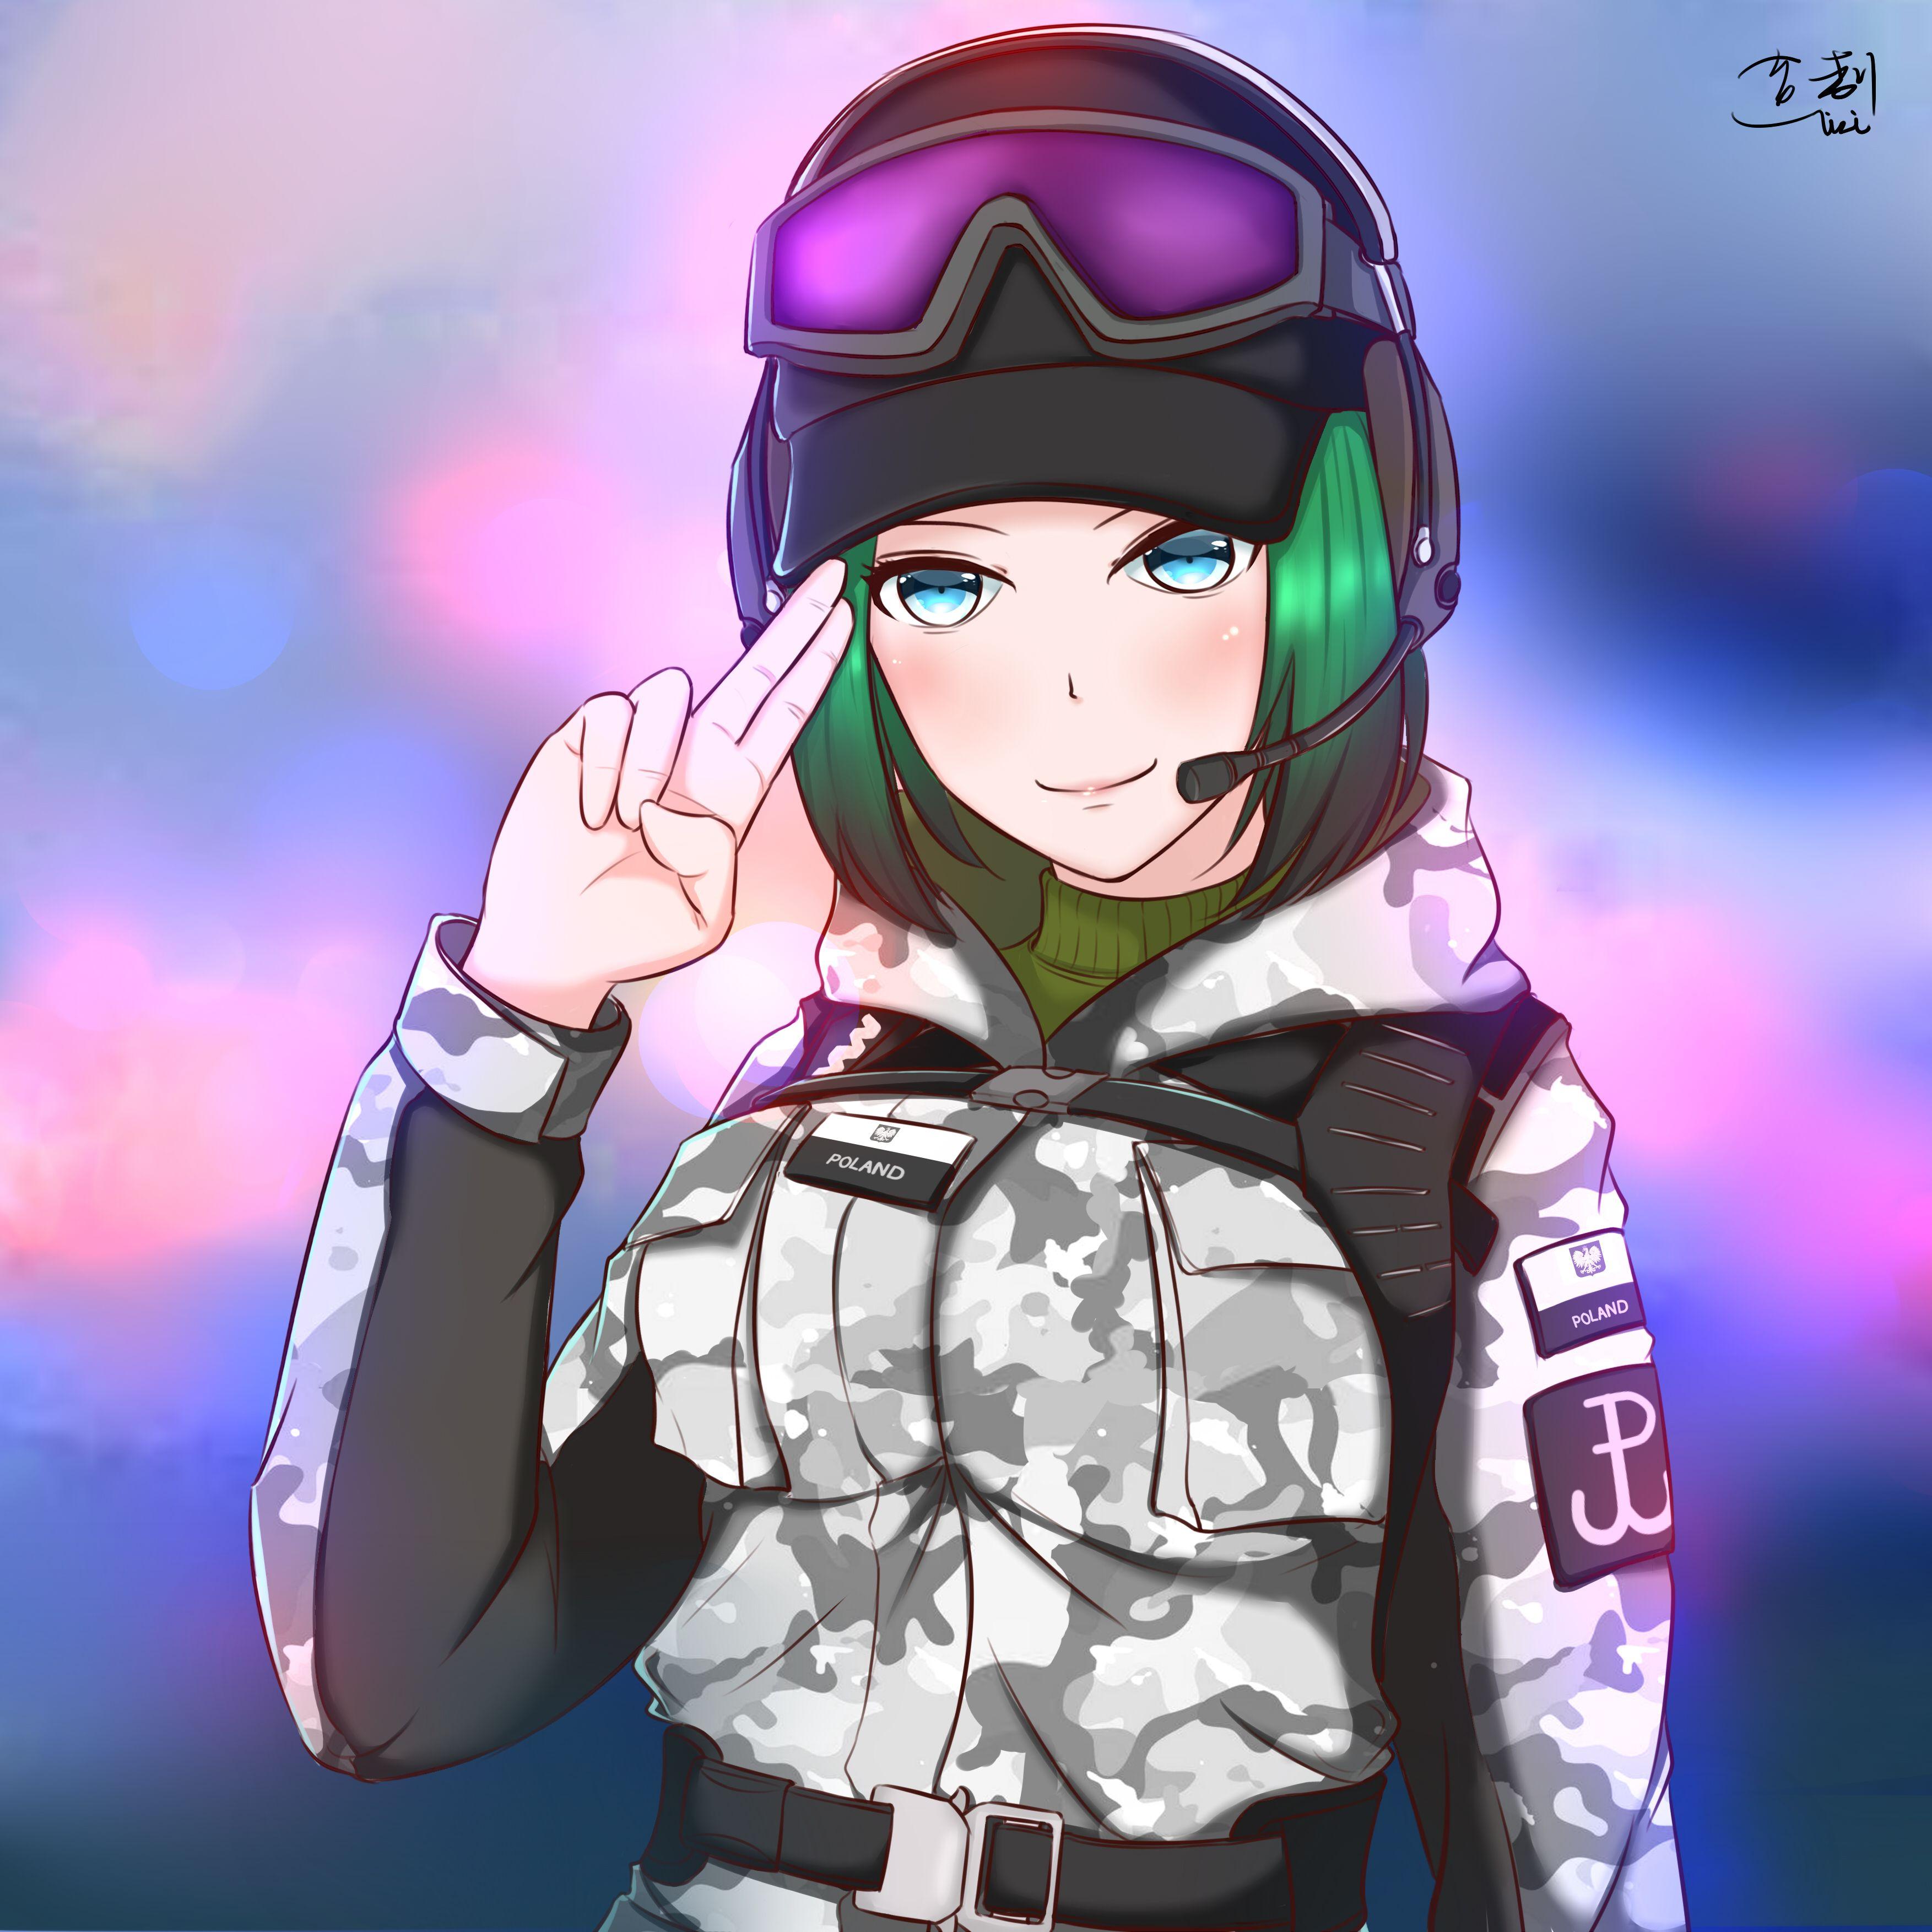 Ilmu Pengetahuan 7 Anime Rainbow Six Siege Art